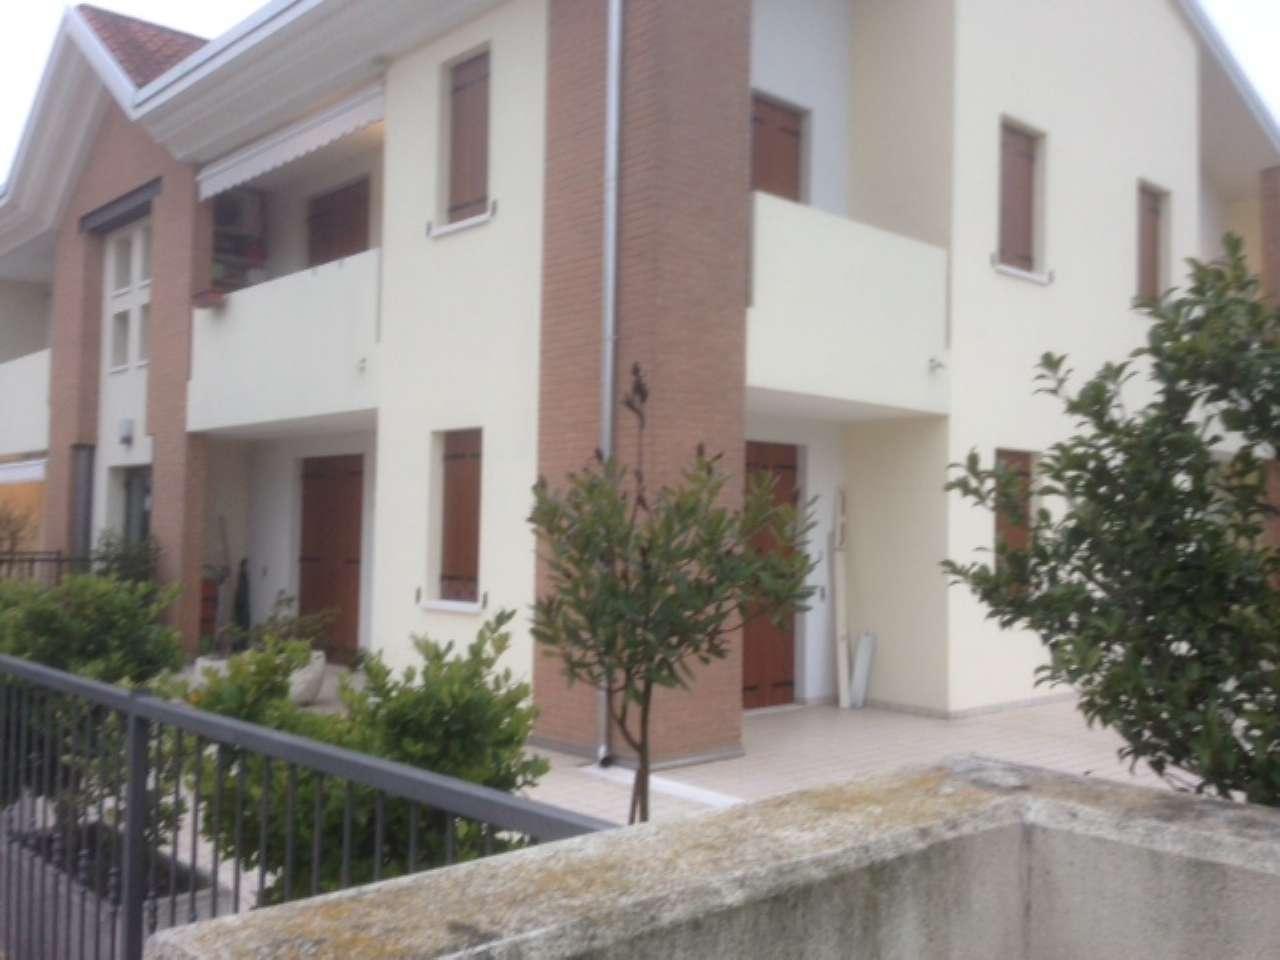 Appartamenti in affitto a mogliano veneto in zona mazzocco for Appartamenti in affitto treviso non arredati